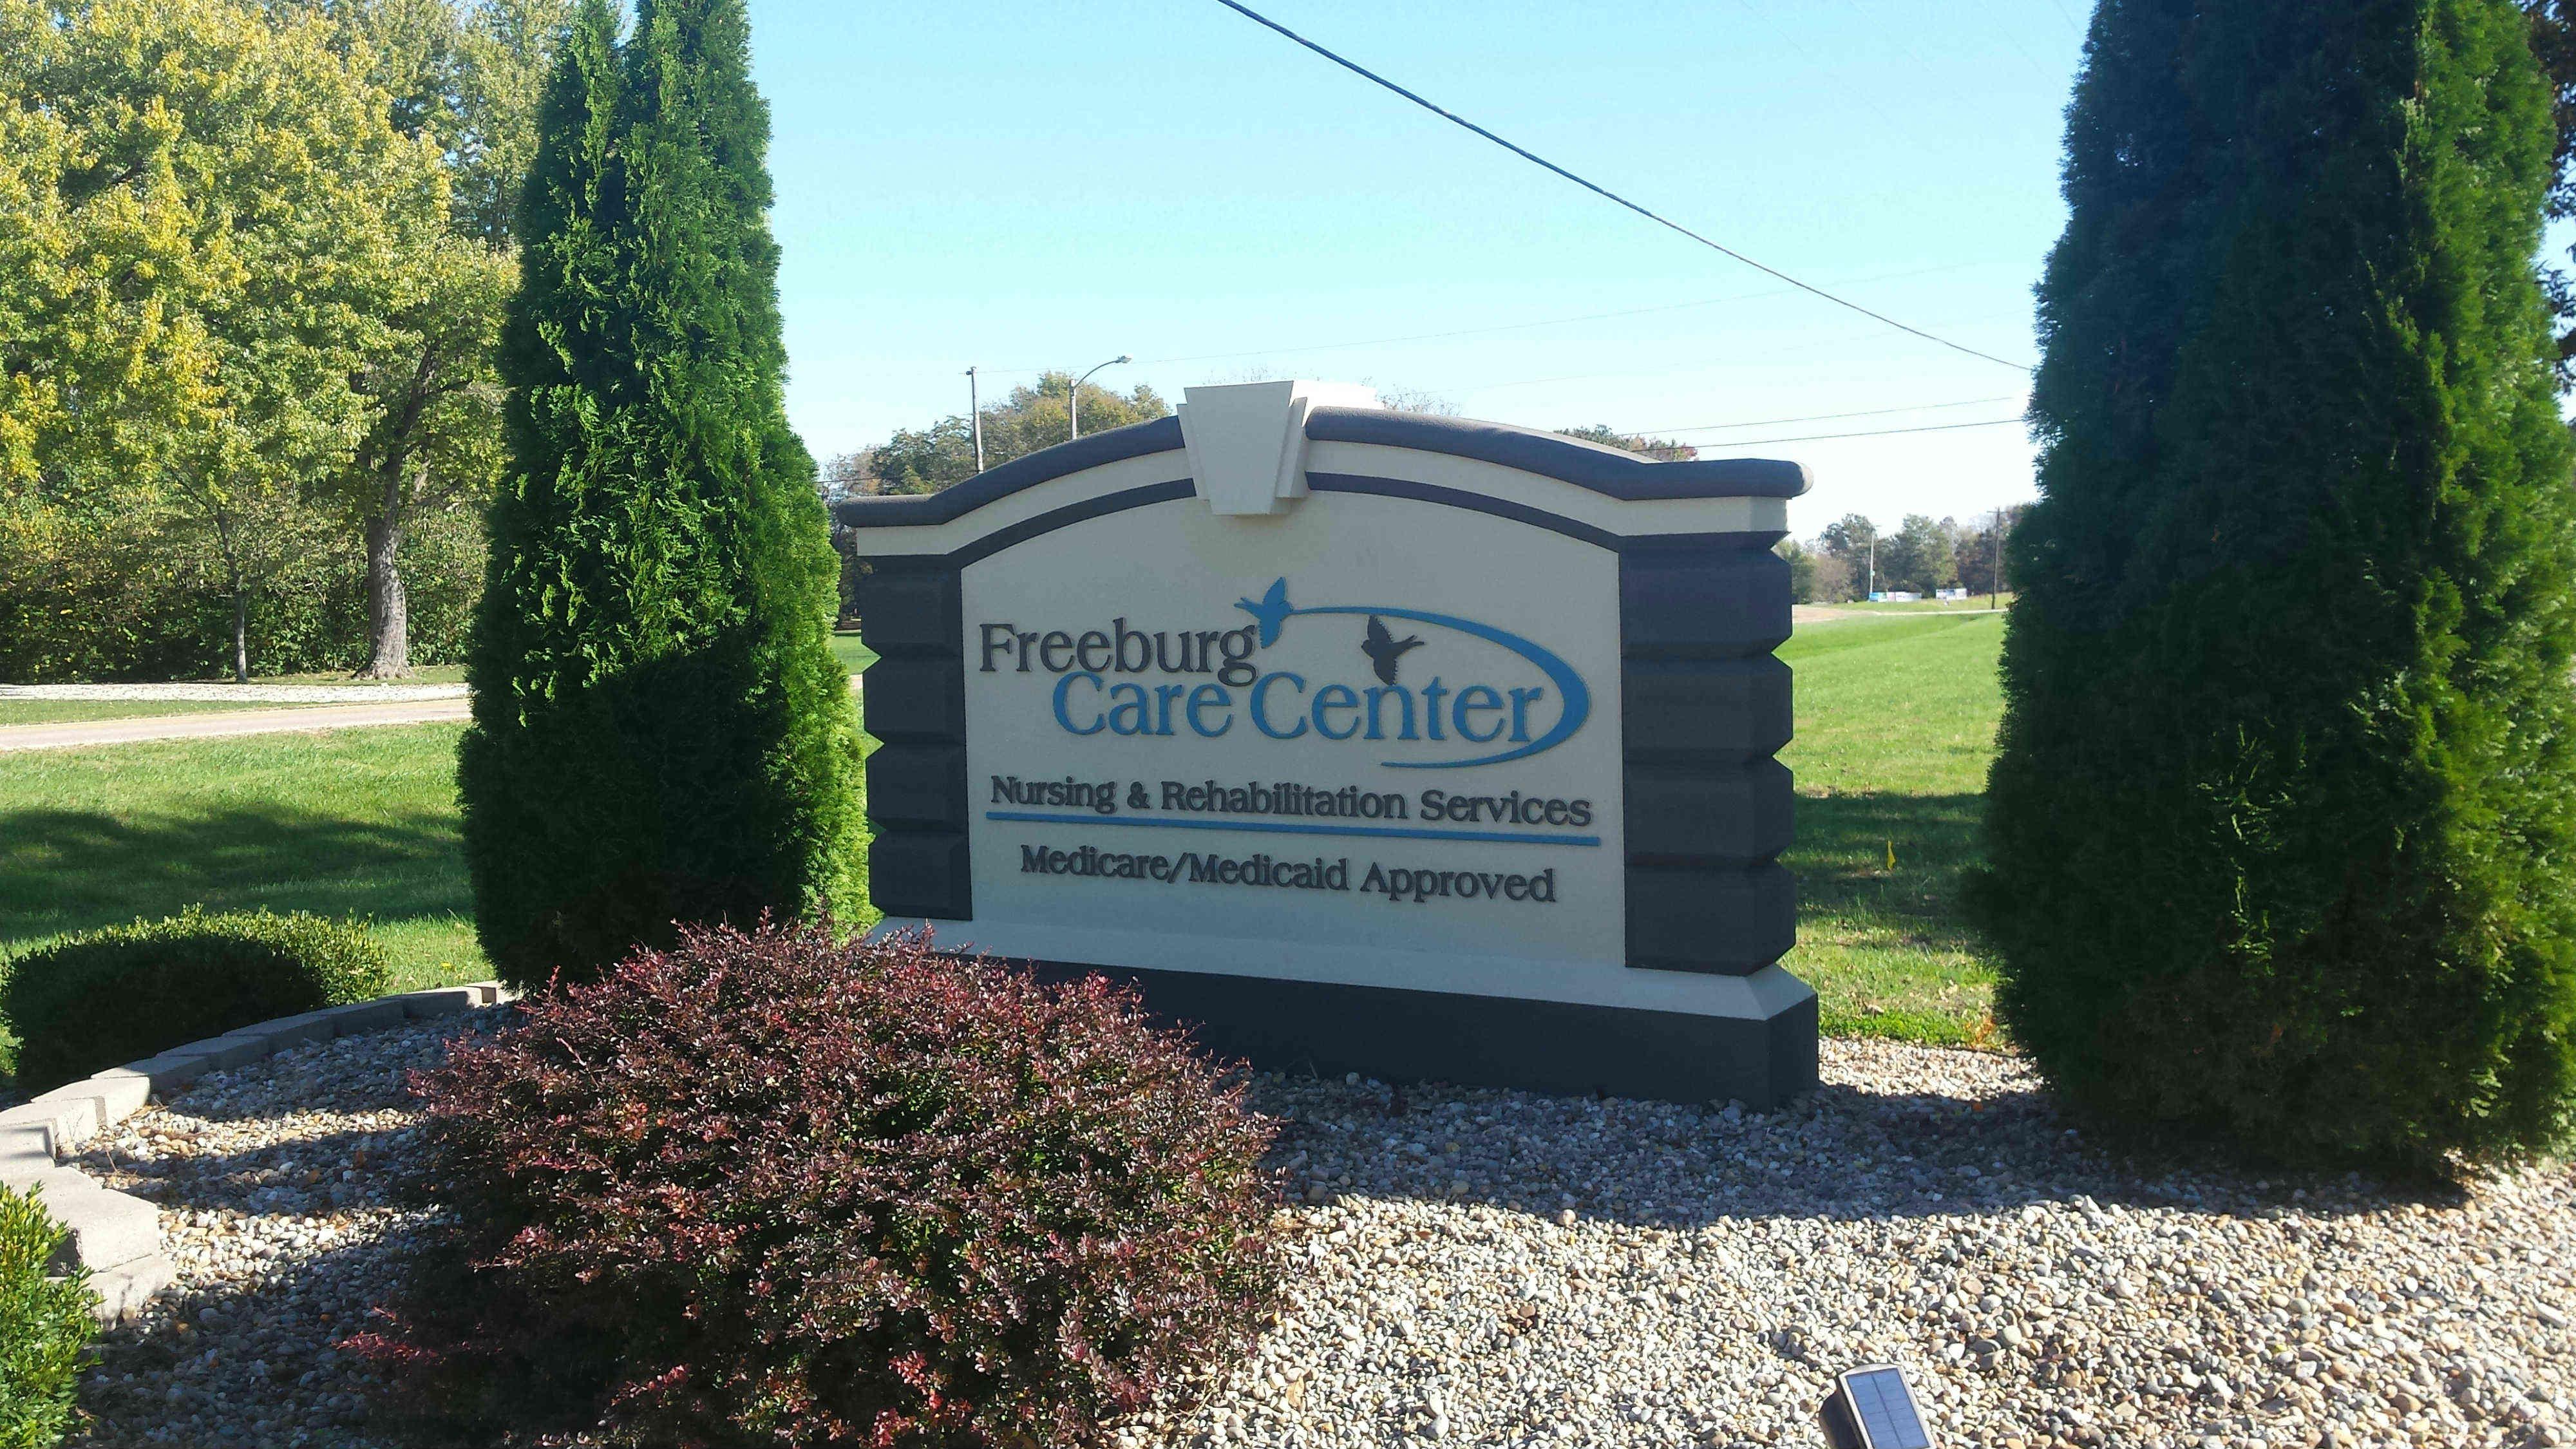 Freeburg Care Center